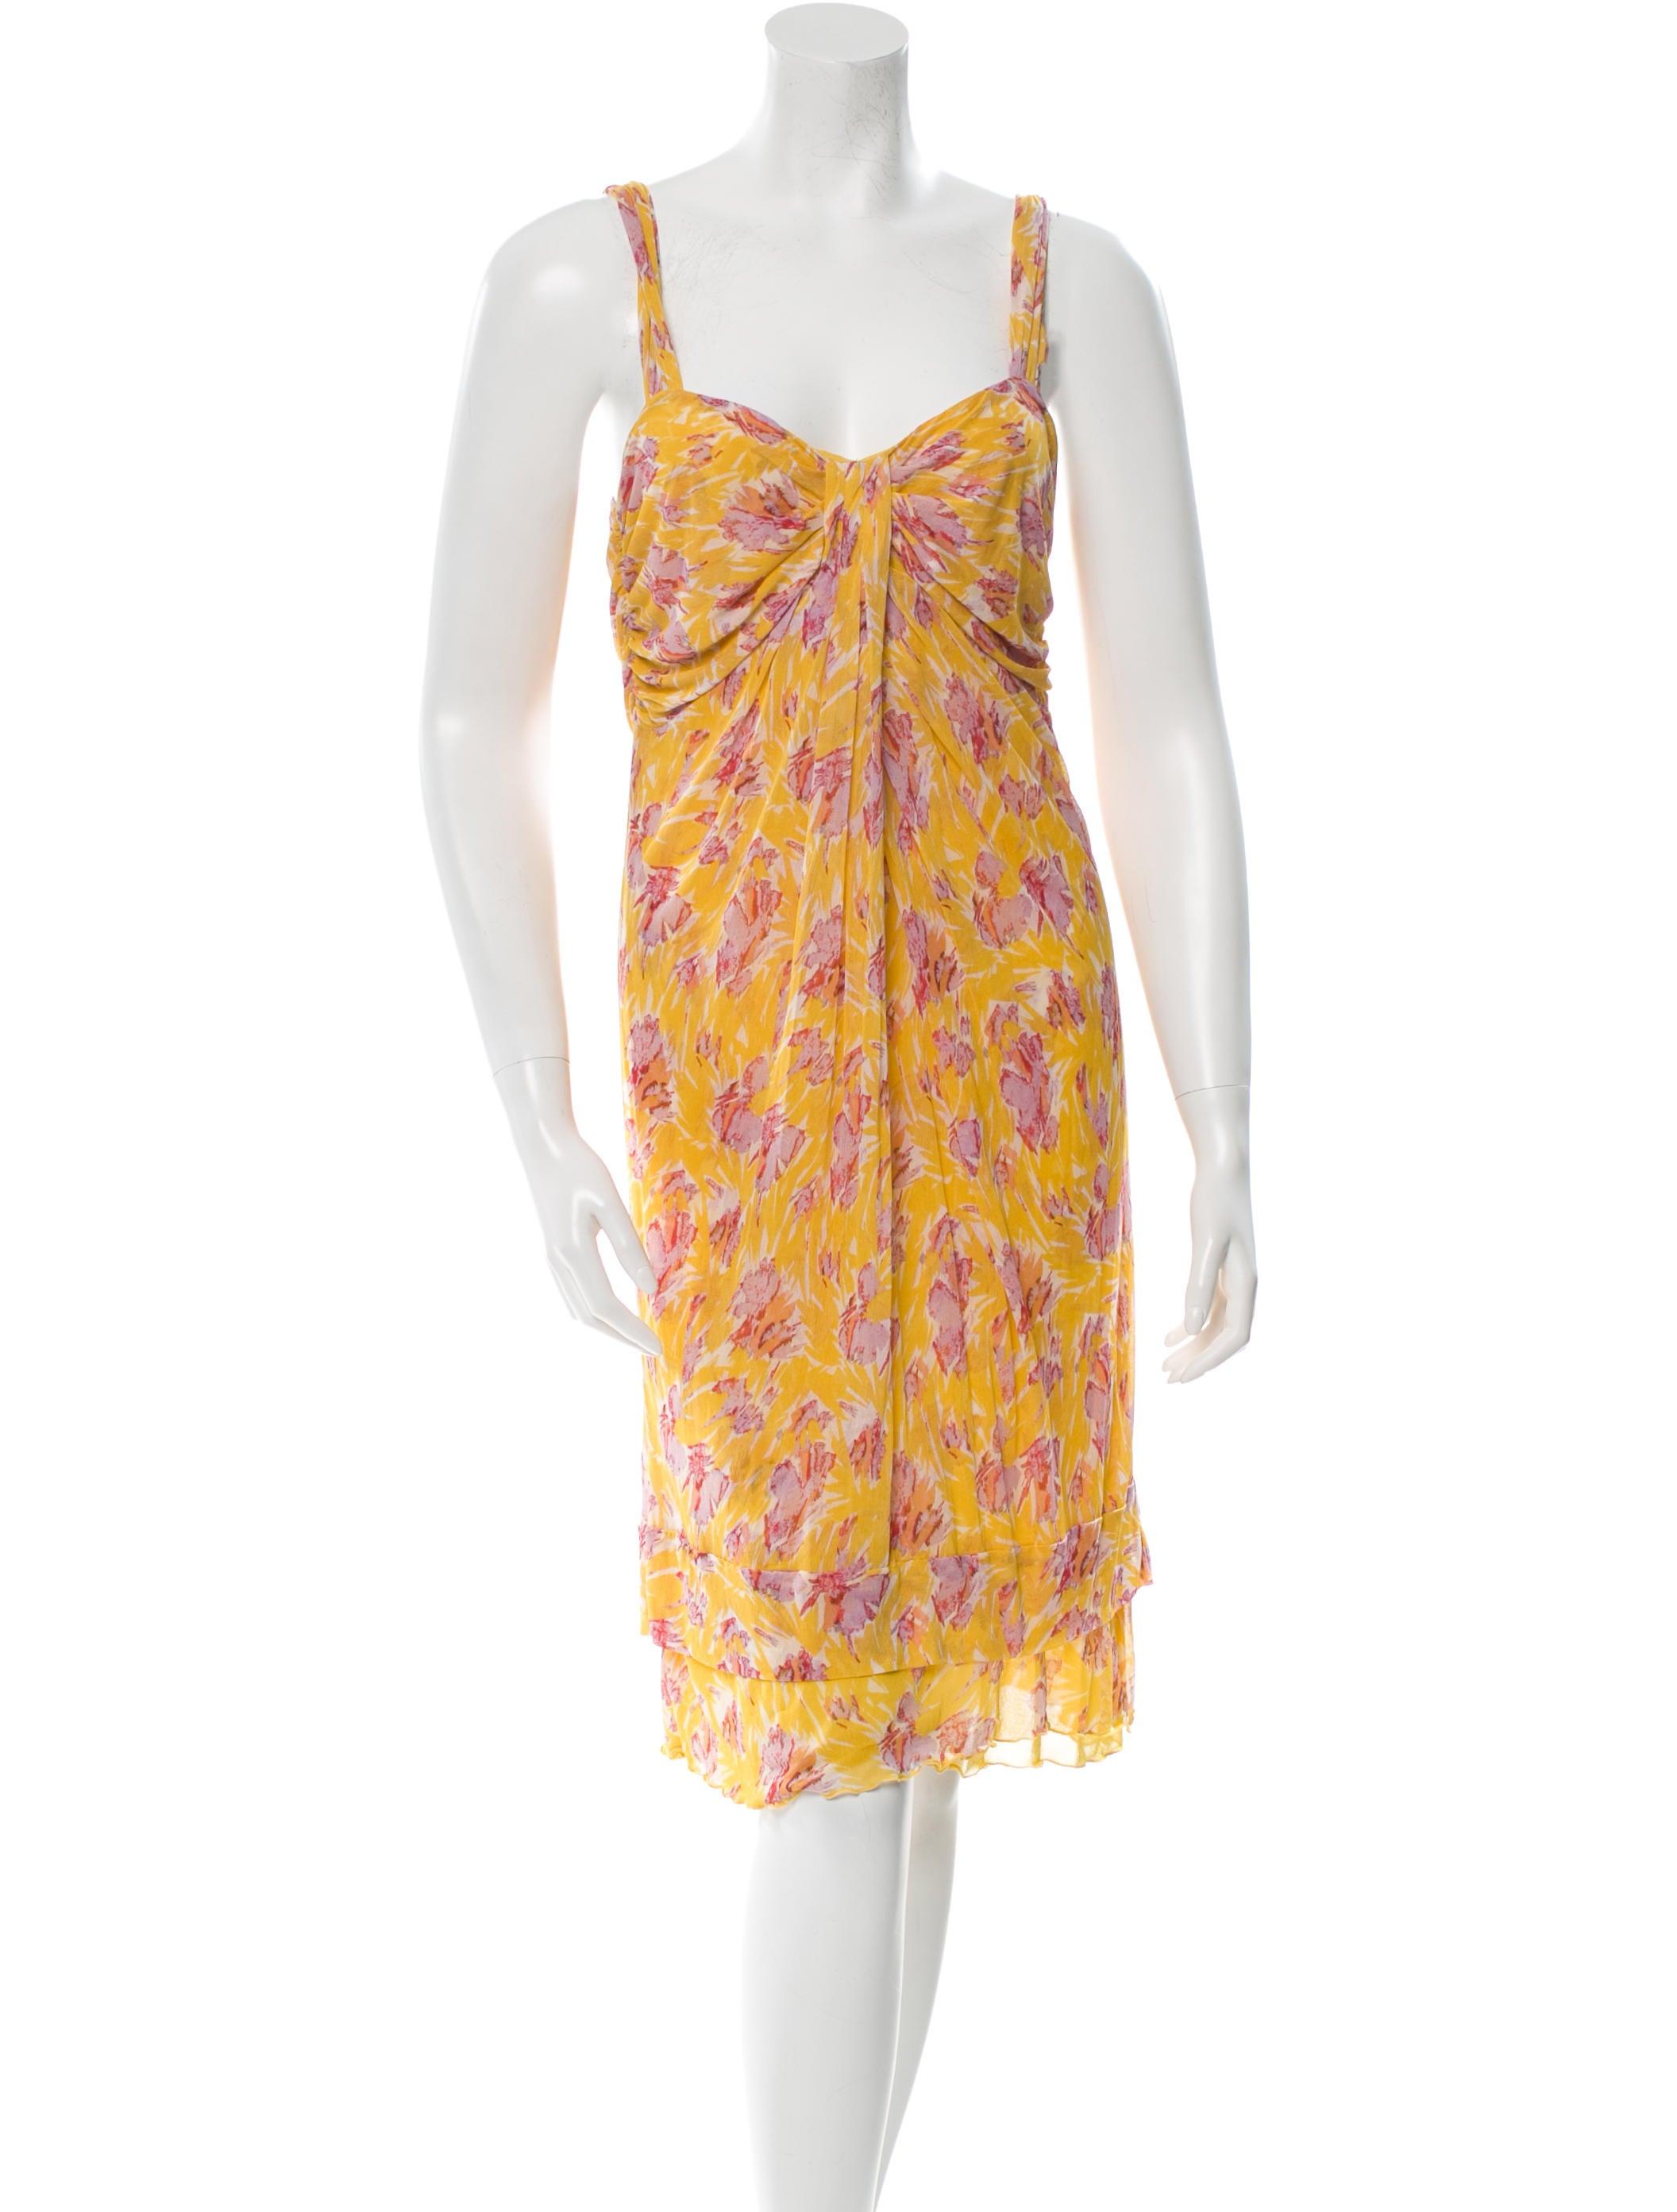 Diane von furstenberg dress clothing wdi50151 the for Diane von furstenberg shirt